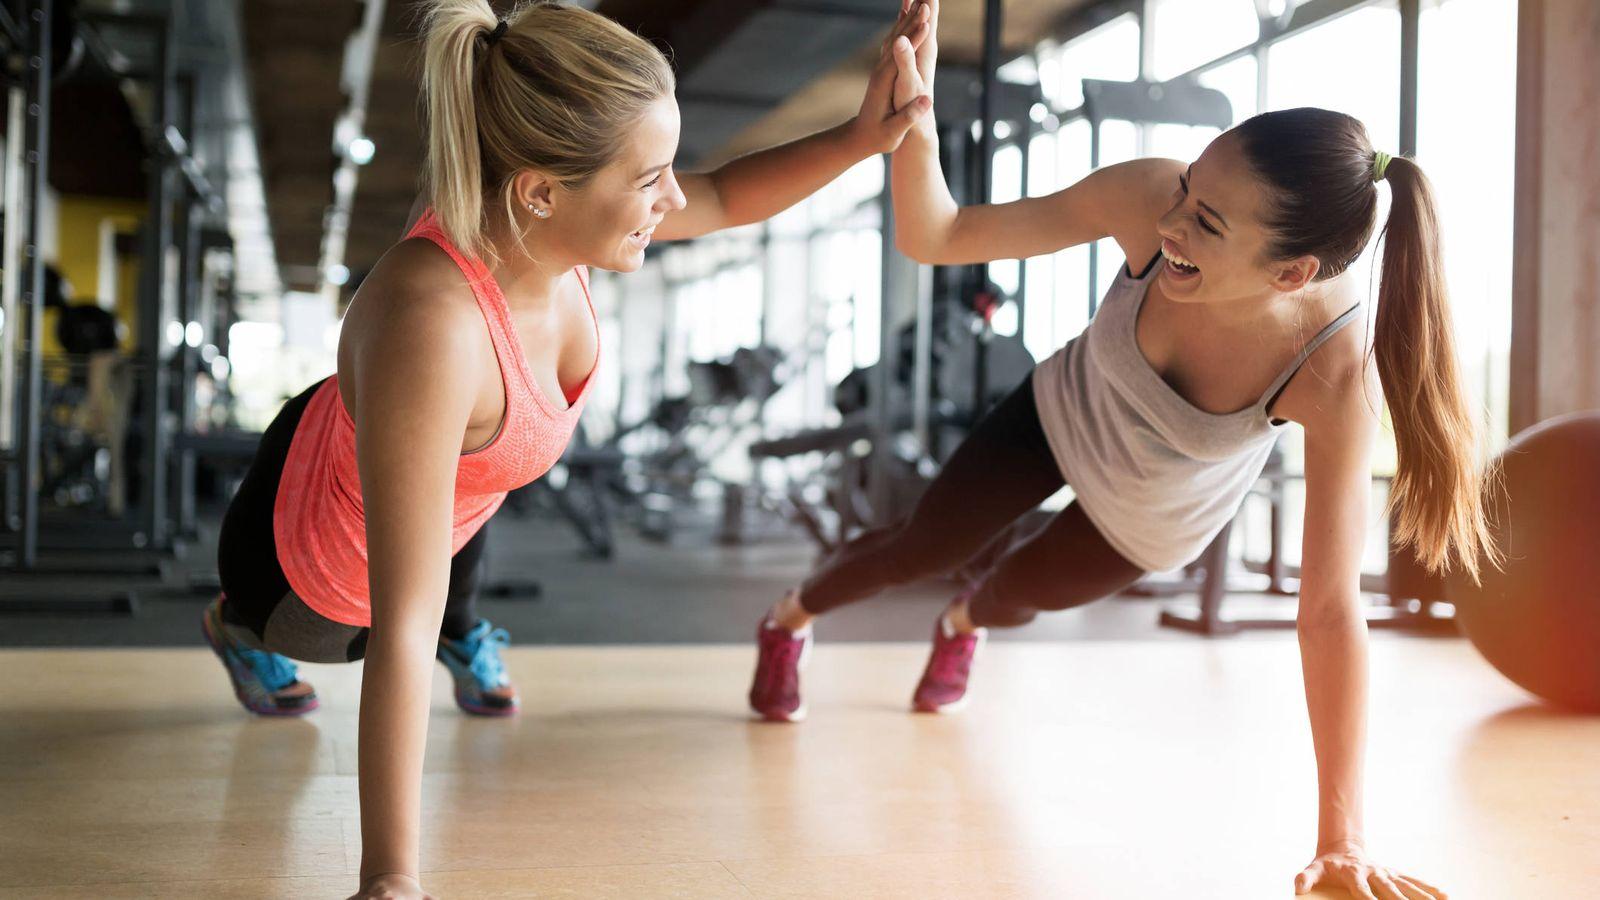 Fitness: 7 ejercicios que van a cambiar tu cuerpo de forma radical en  apenas 4 semanas